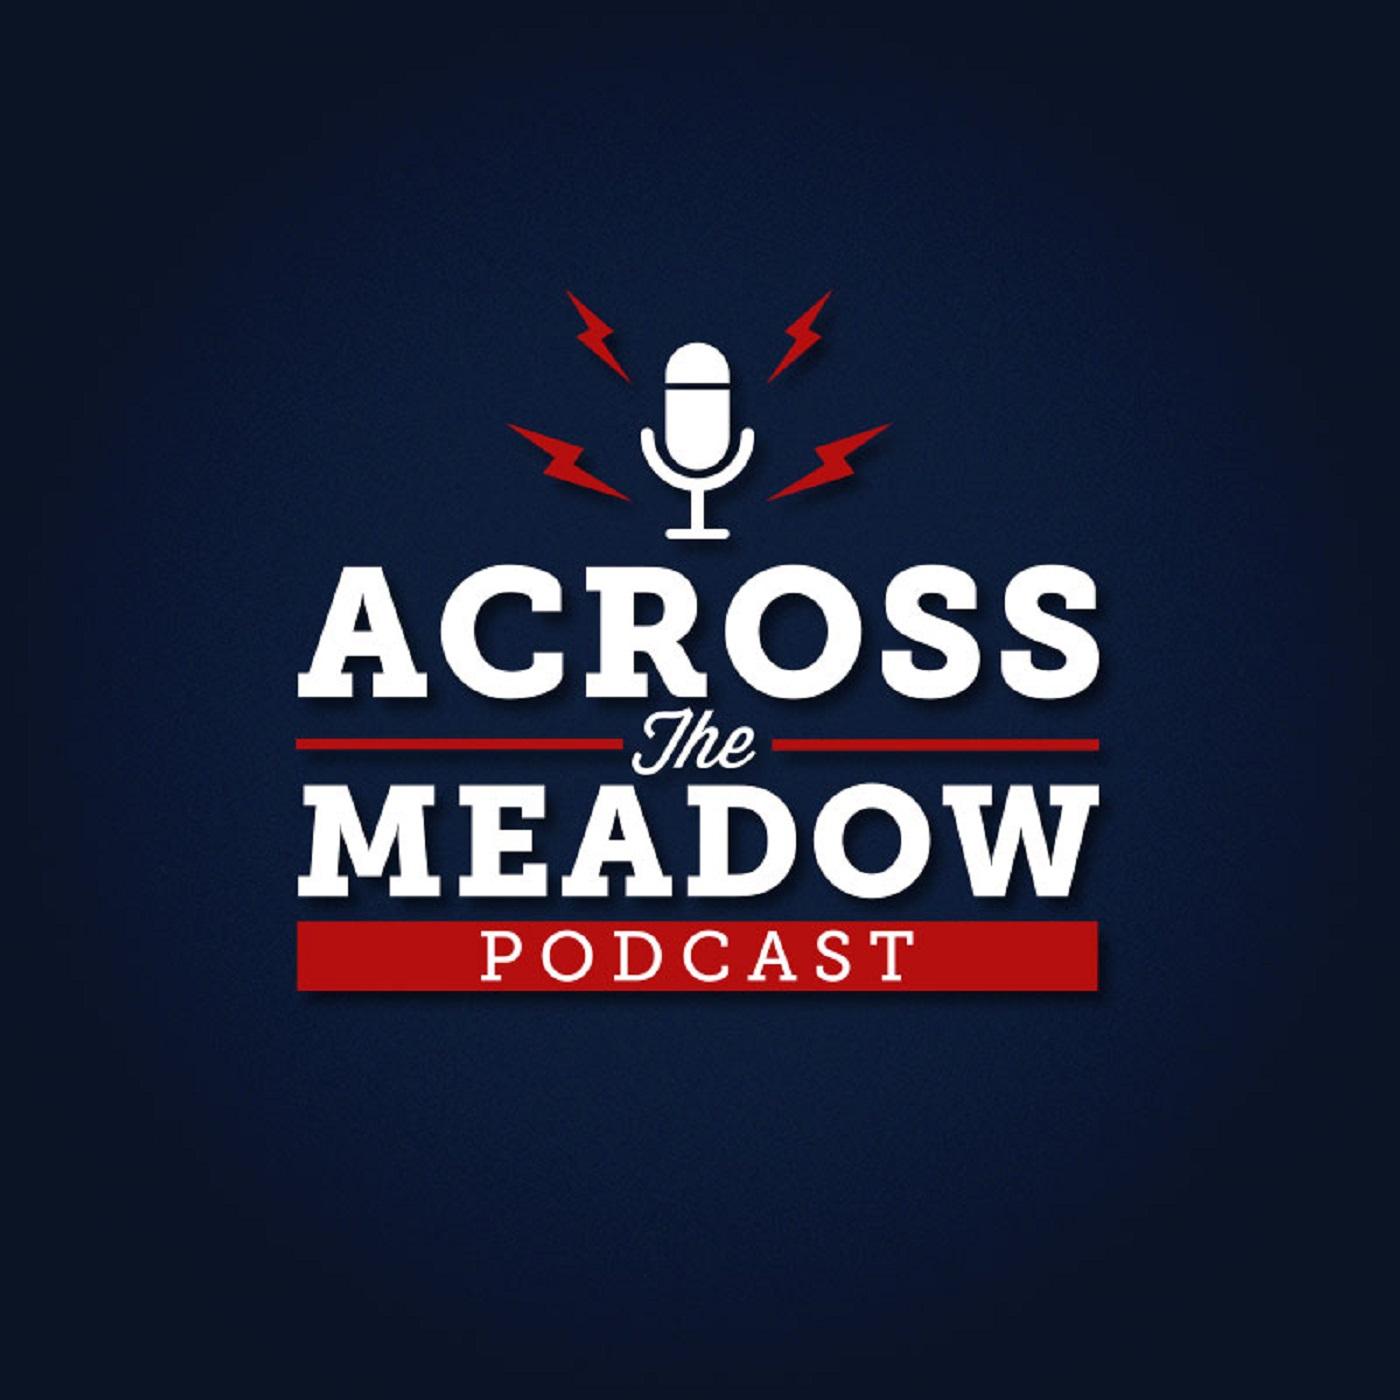 acrossthemeadow's podcast show art